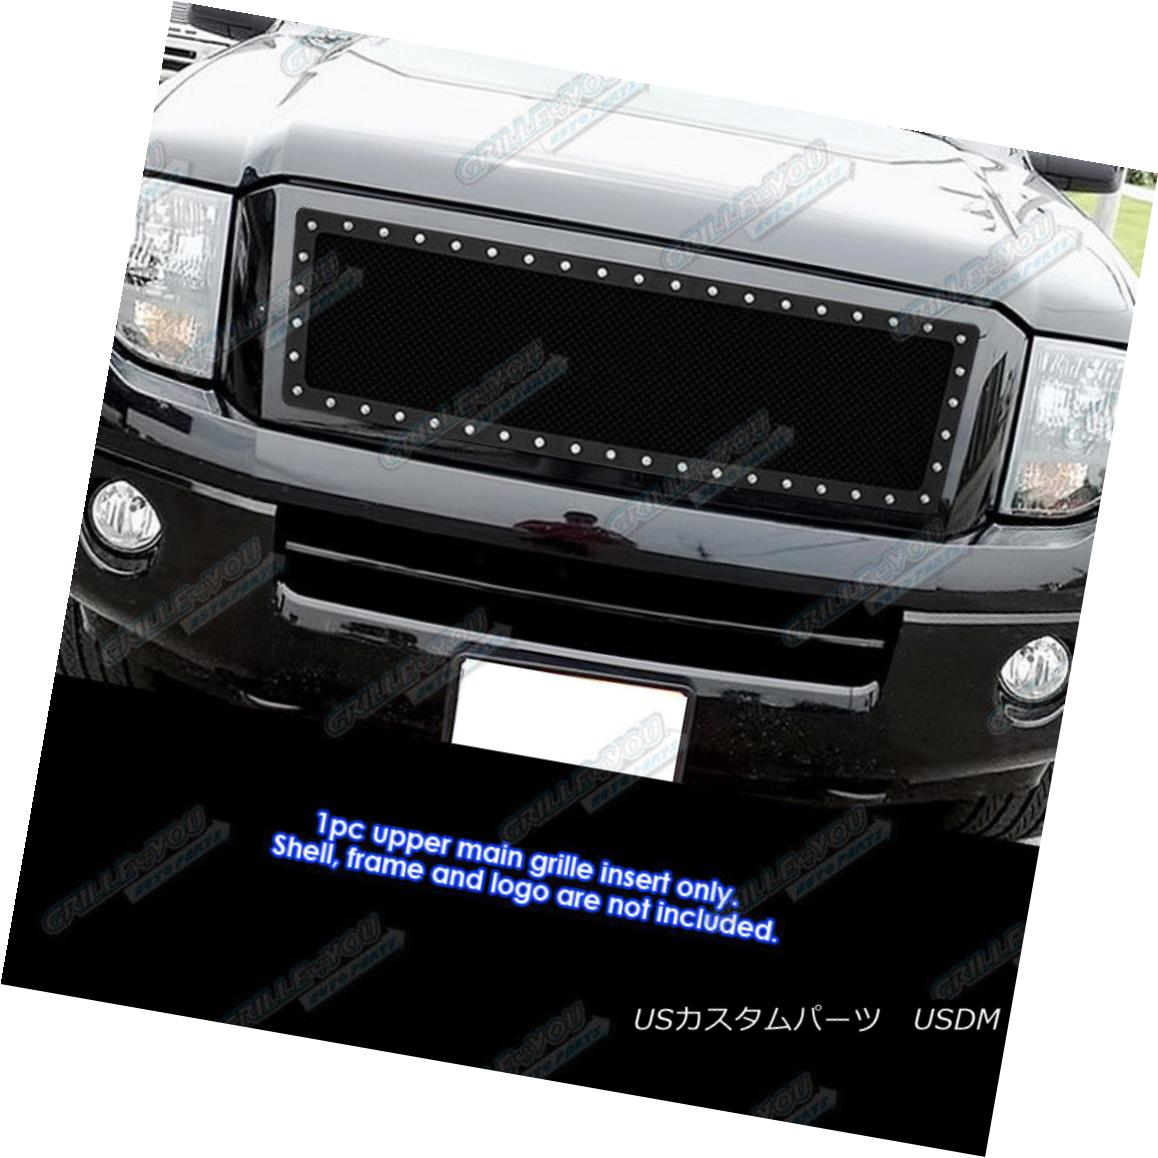 グリル Fits 2007-2013 Ford Expedition Stainless Steel Black Rivet Studs Grille Inserts フィット2007年?2013年フォード遠征ステンレススチールブラックリベットスタッズグリルインサート